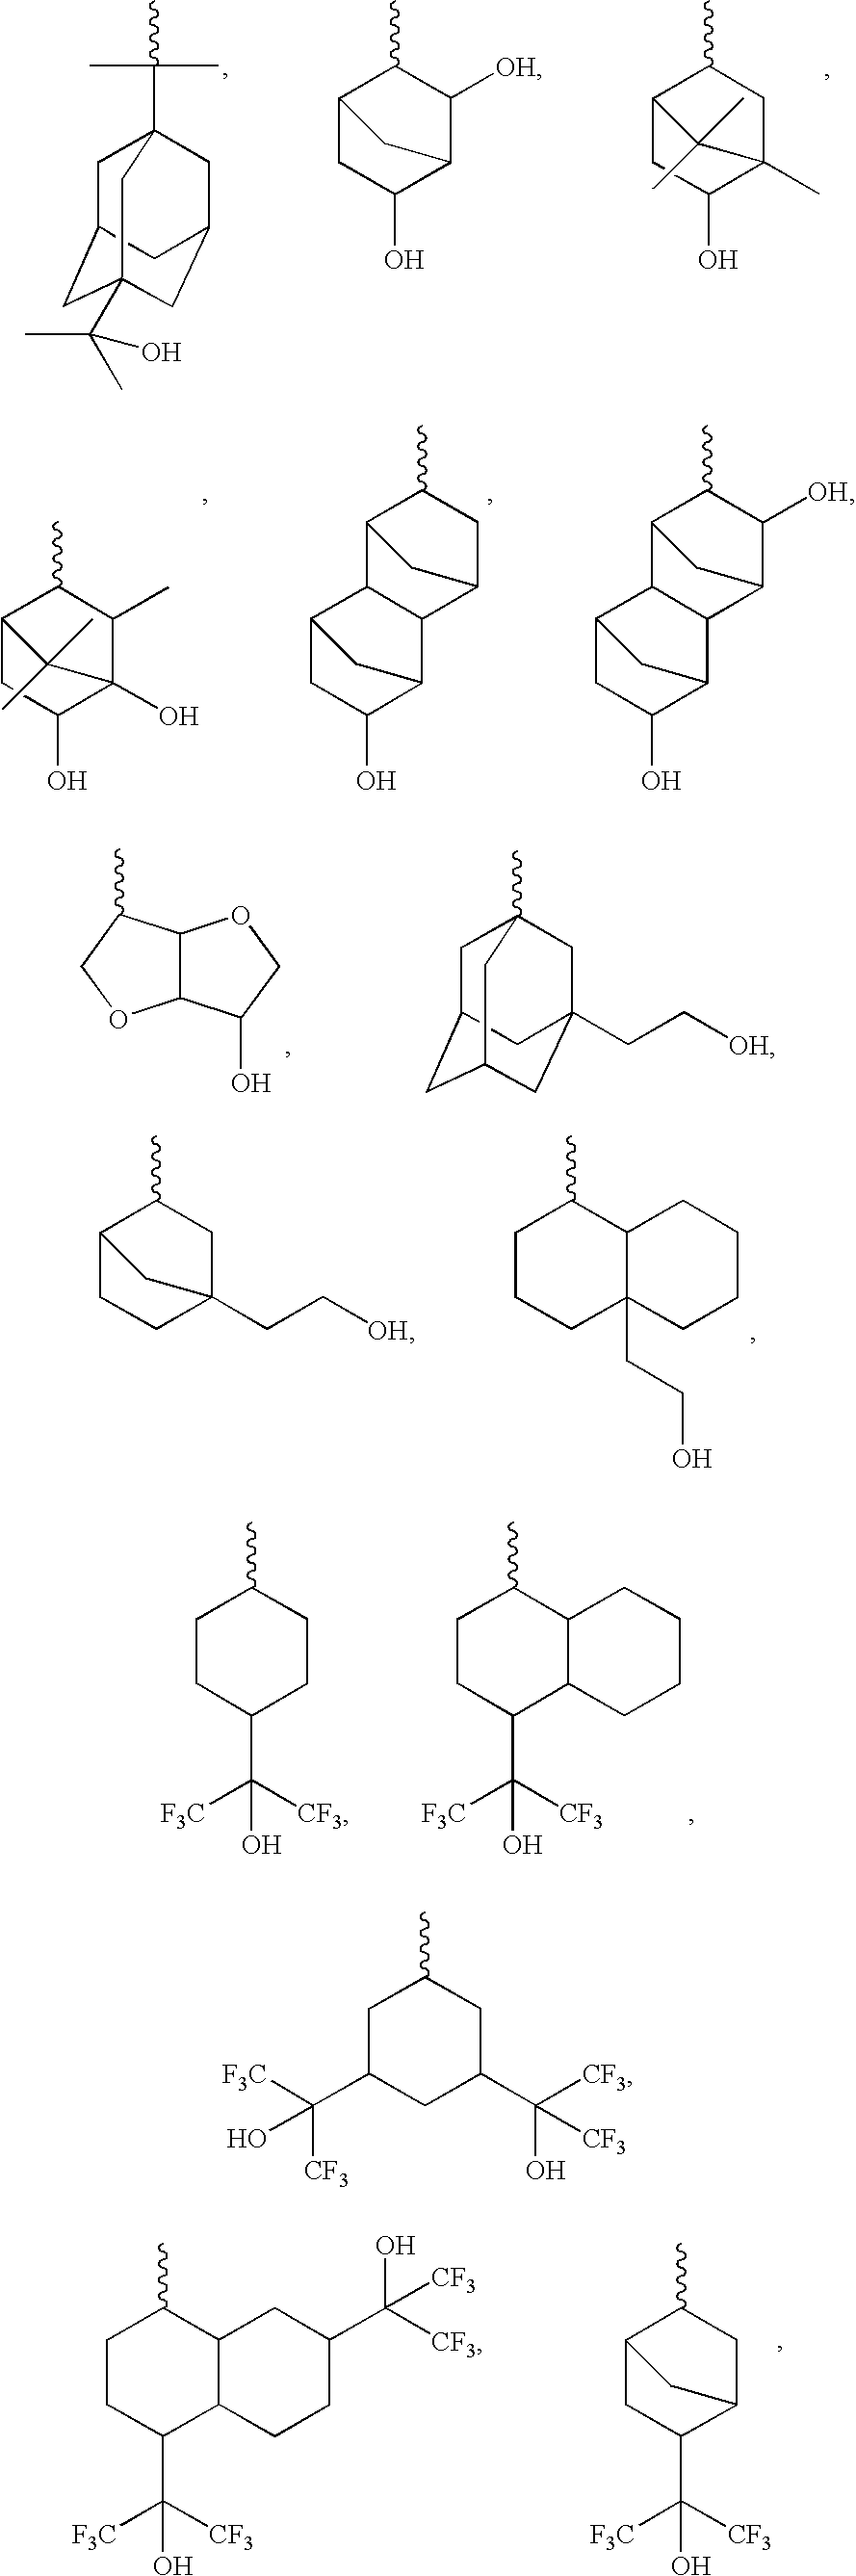 Figure US20100233622A1-20100916-C00016